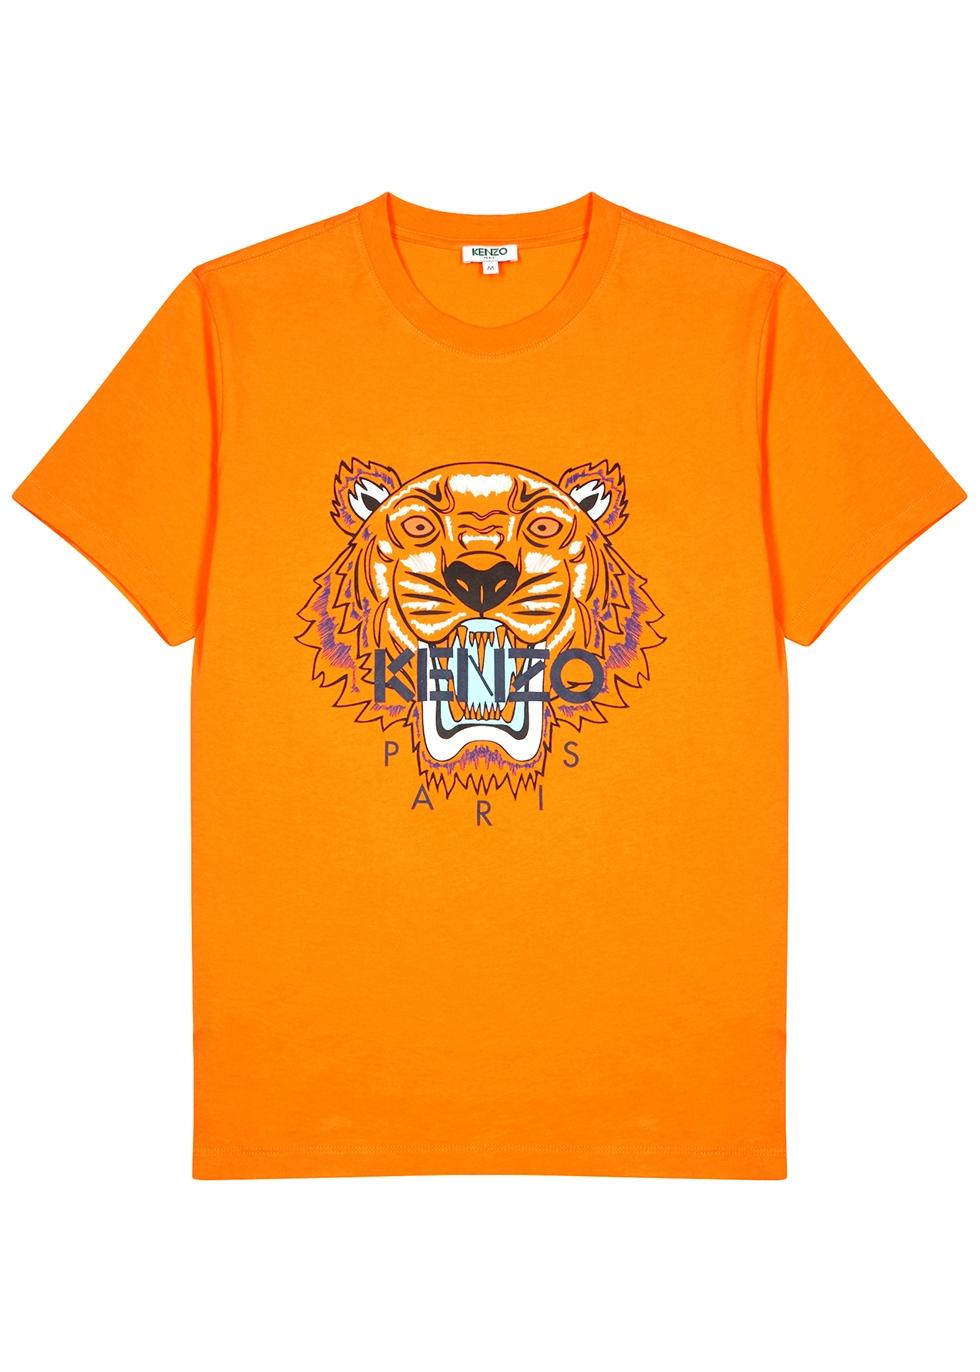 a0689c95ffa21 T-shirts   Vests - Mens - Harvey Nichols